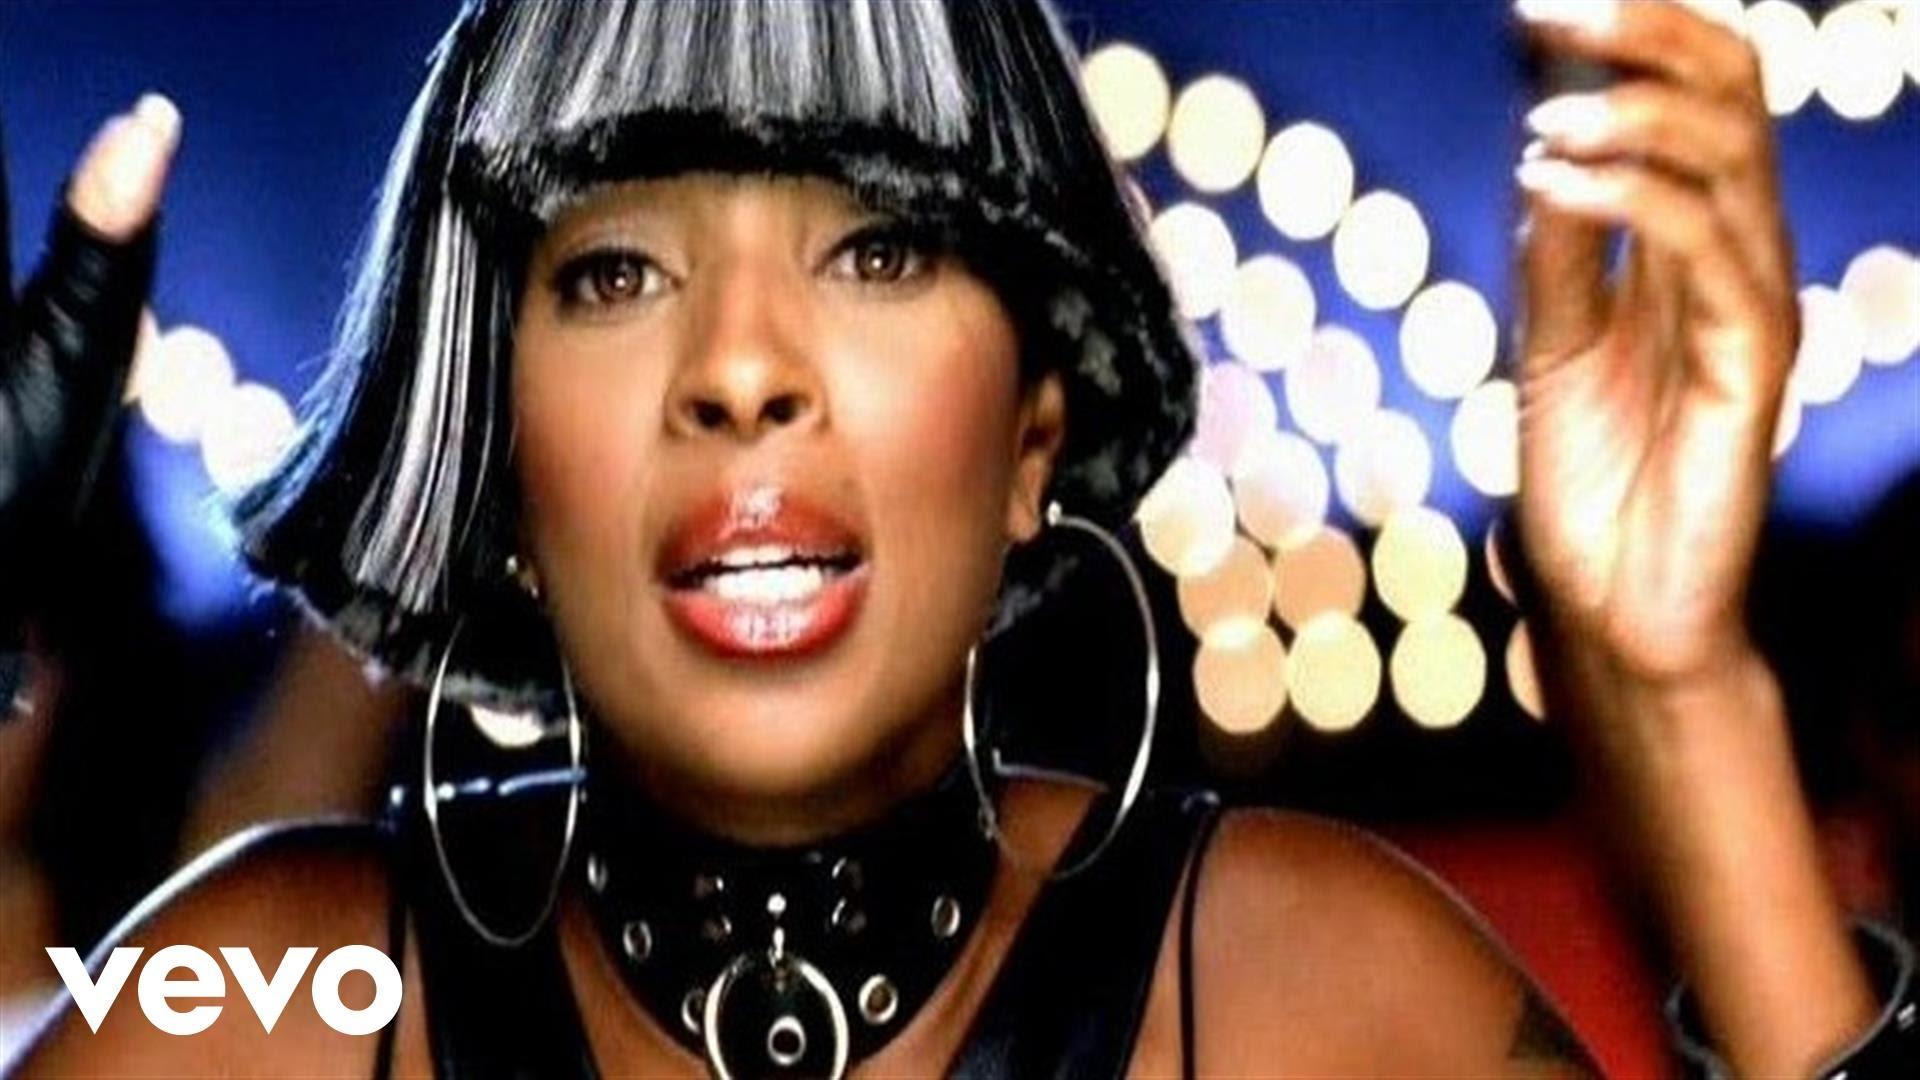 Mary J. Blige – Family Affair